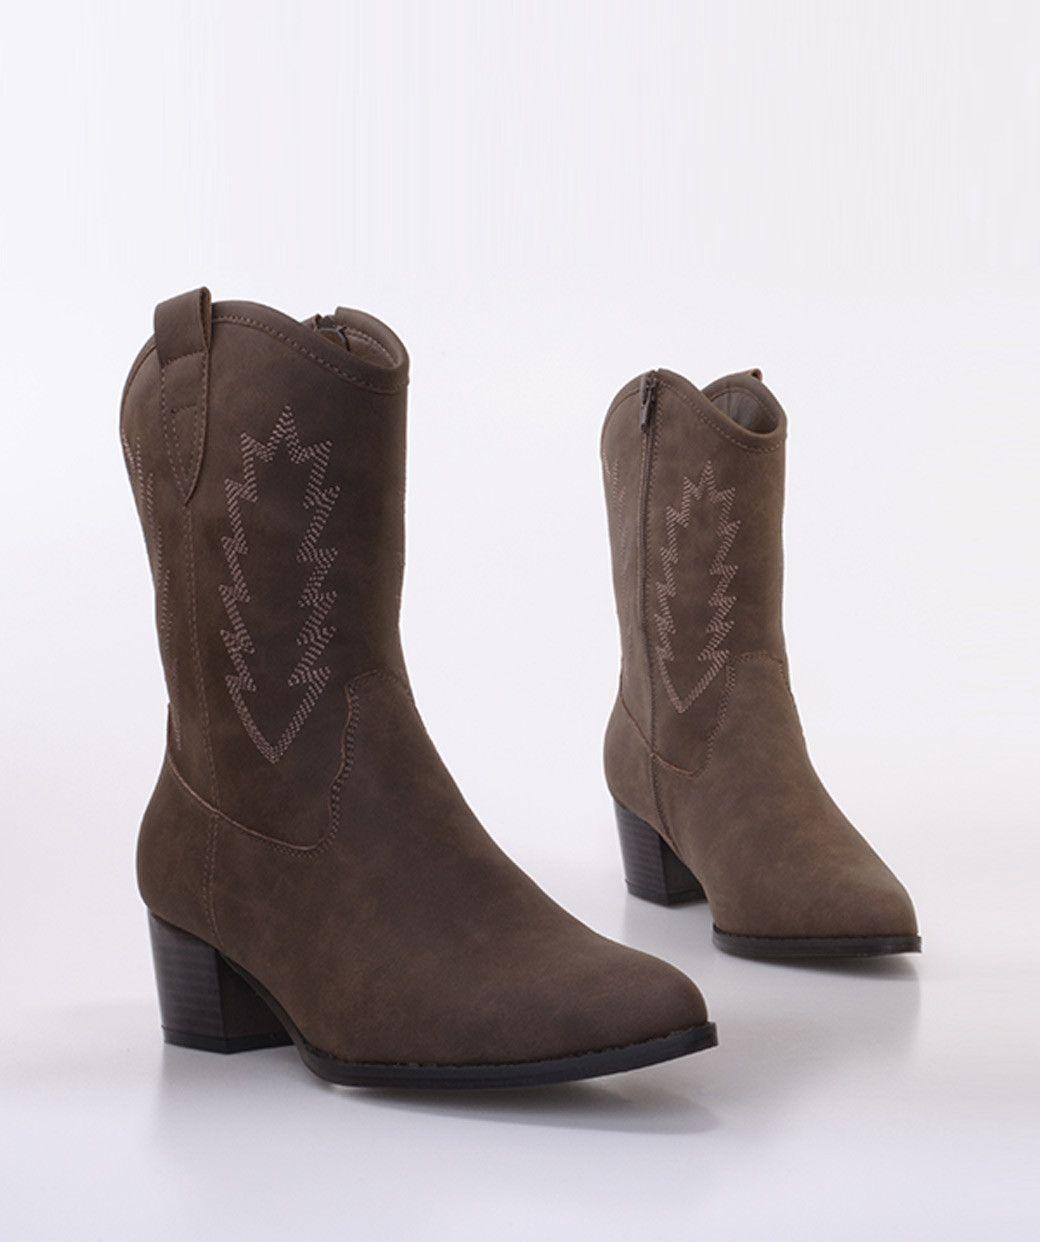 botas de mujer marypaz